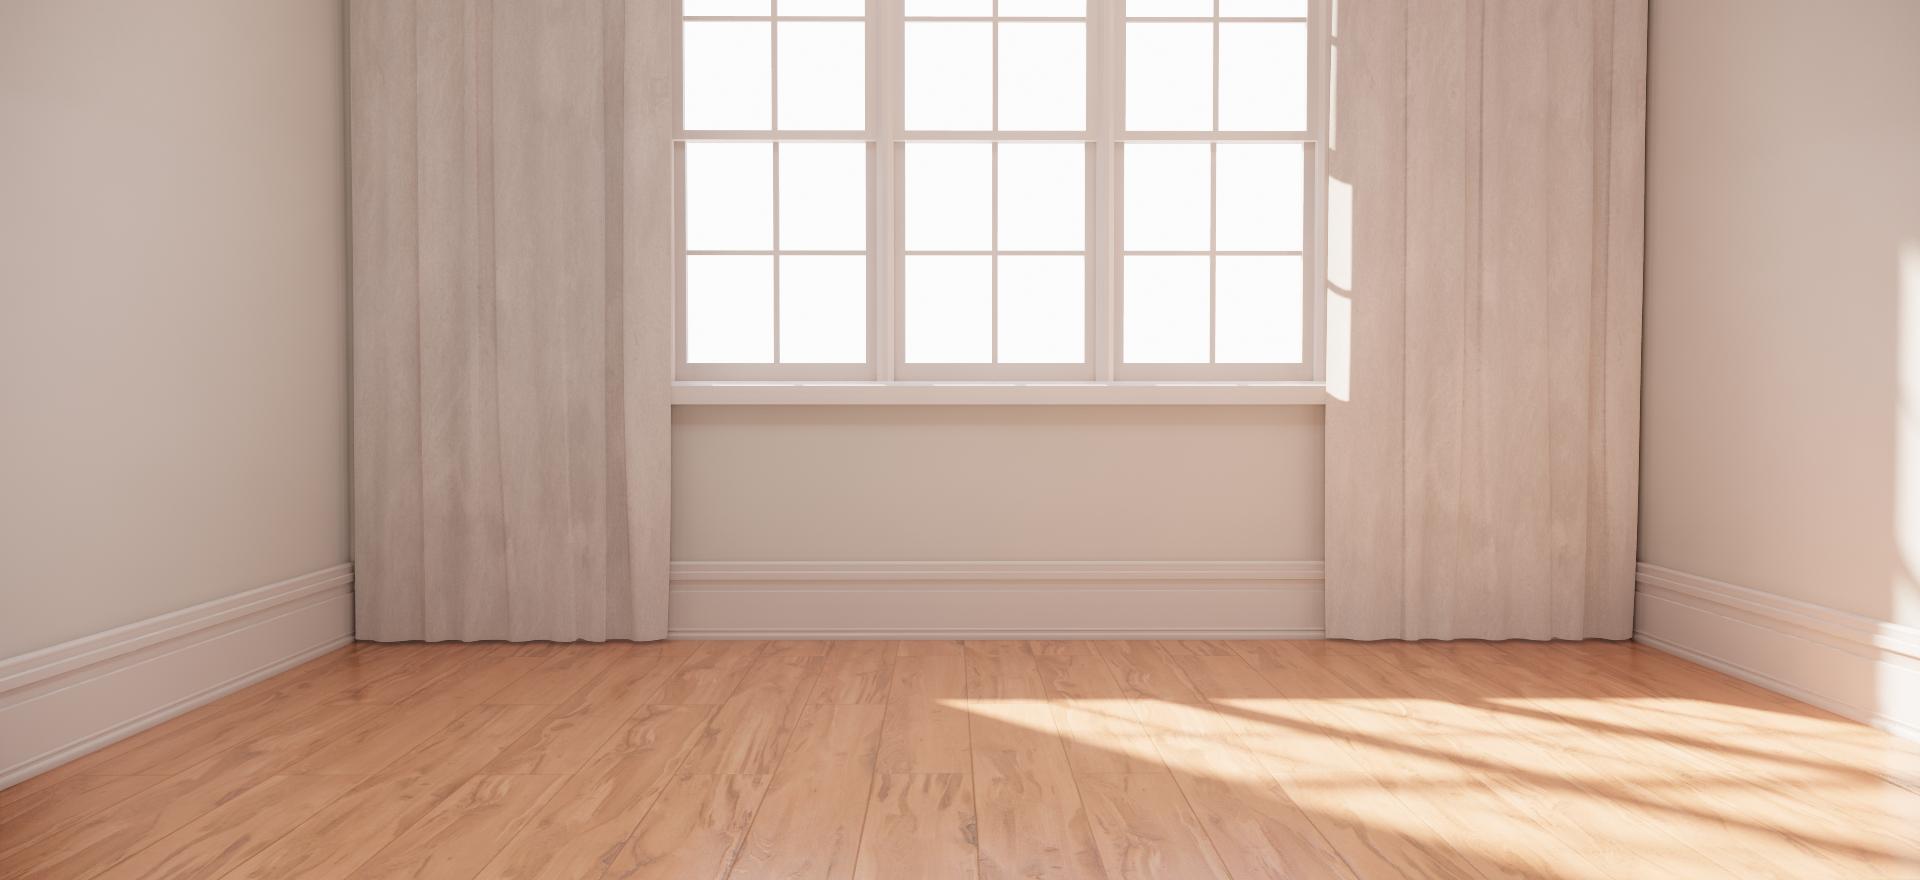 Wood Flooring 08.png